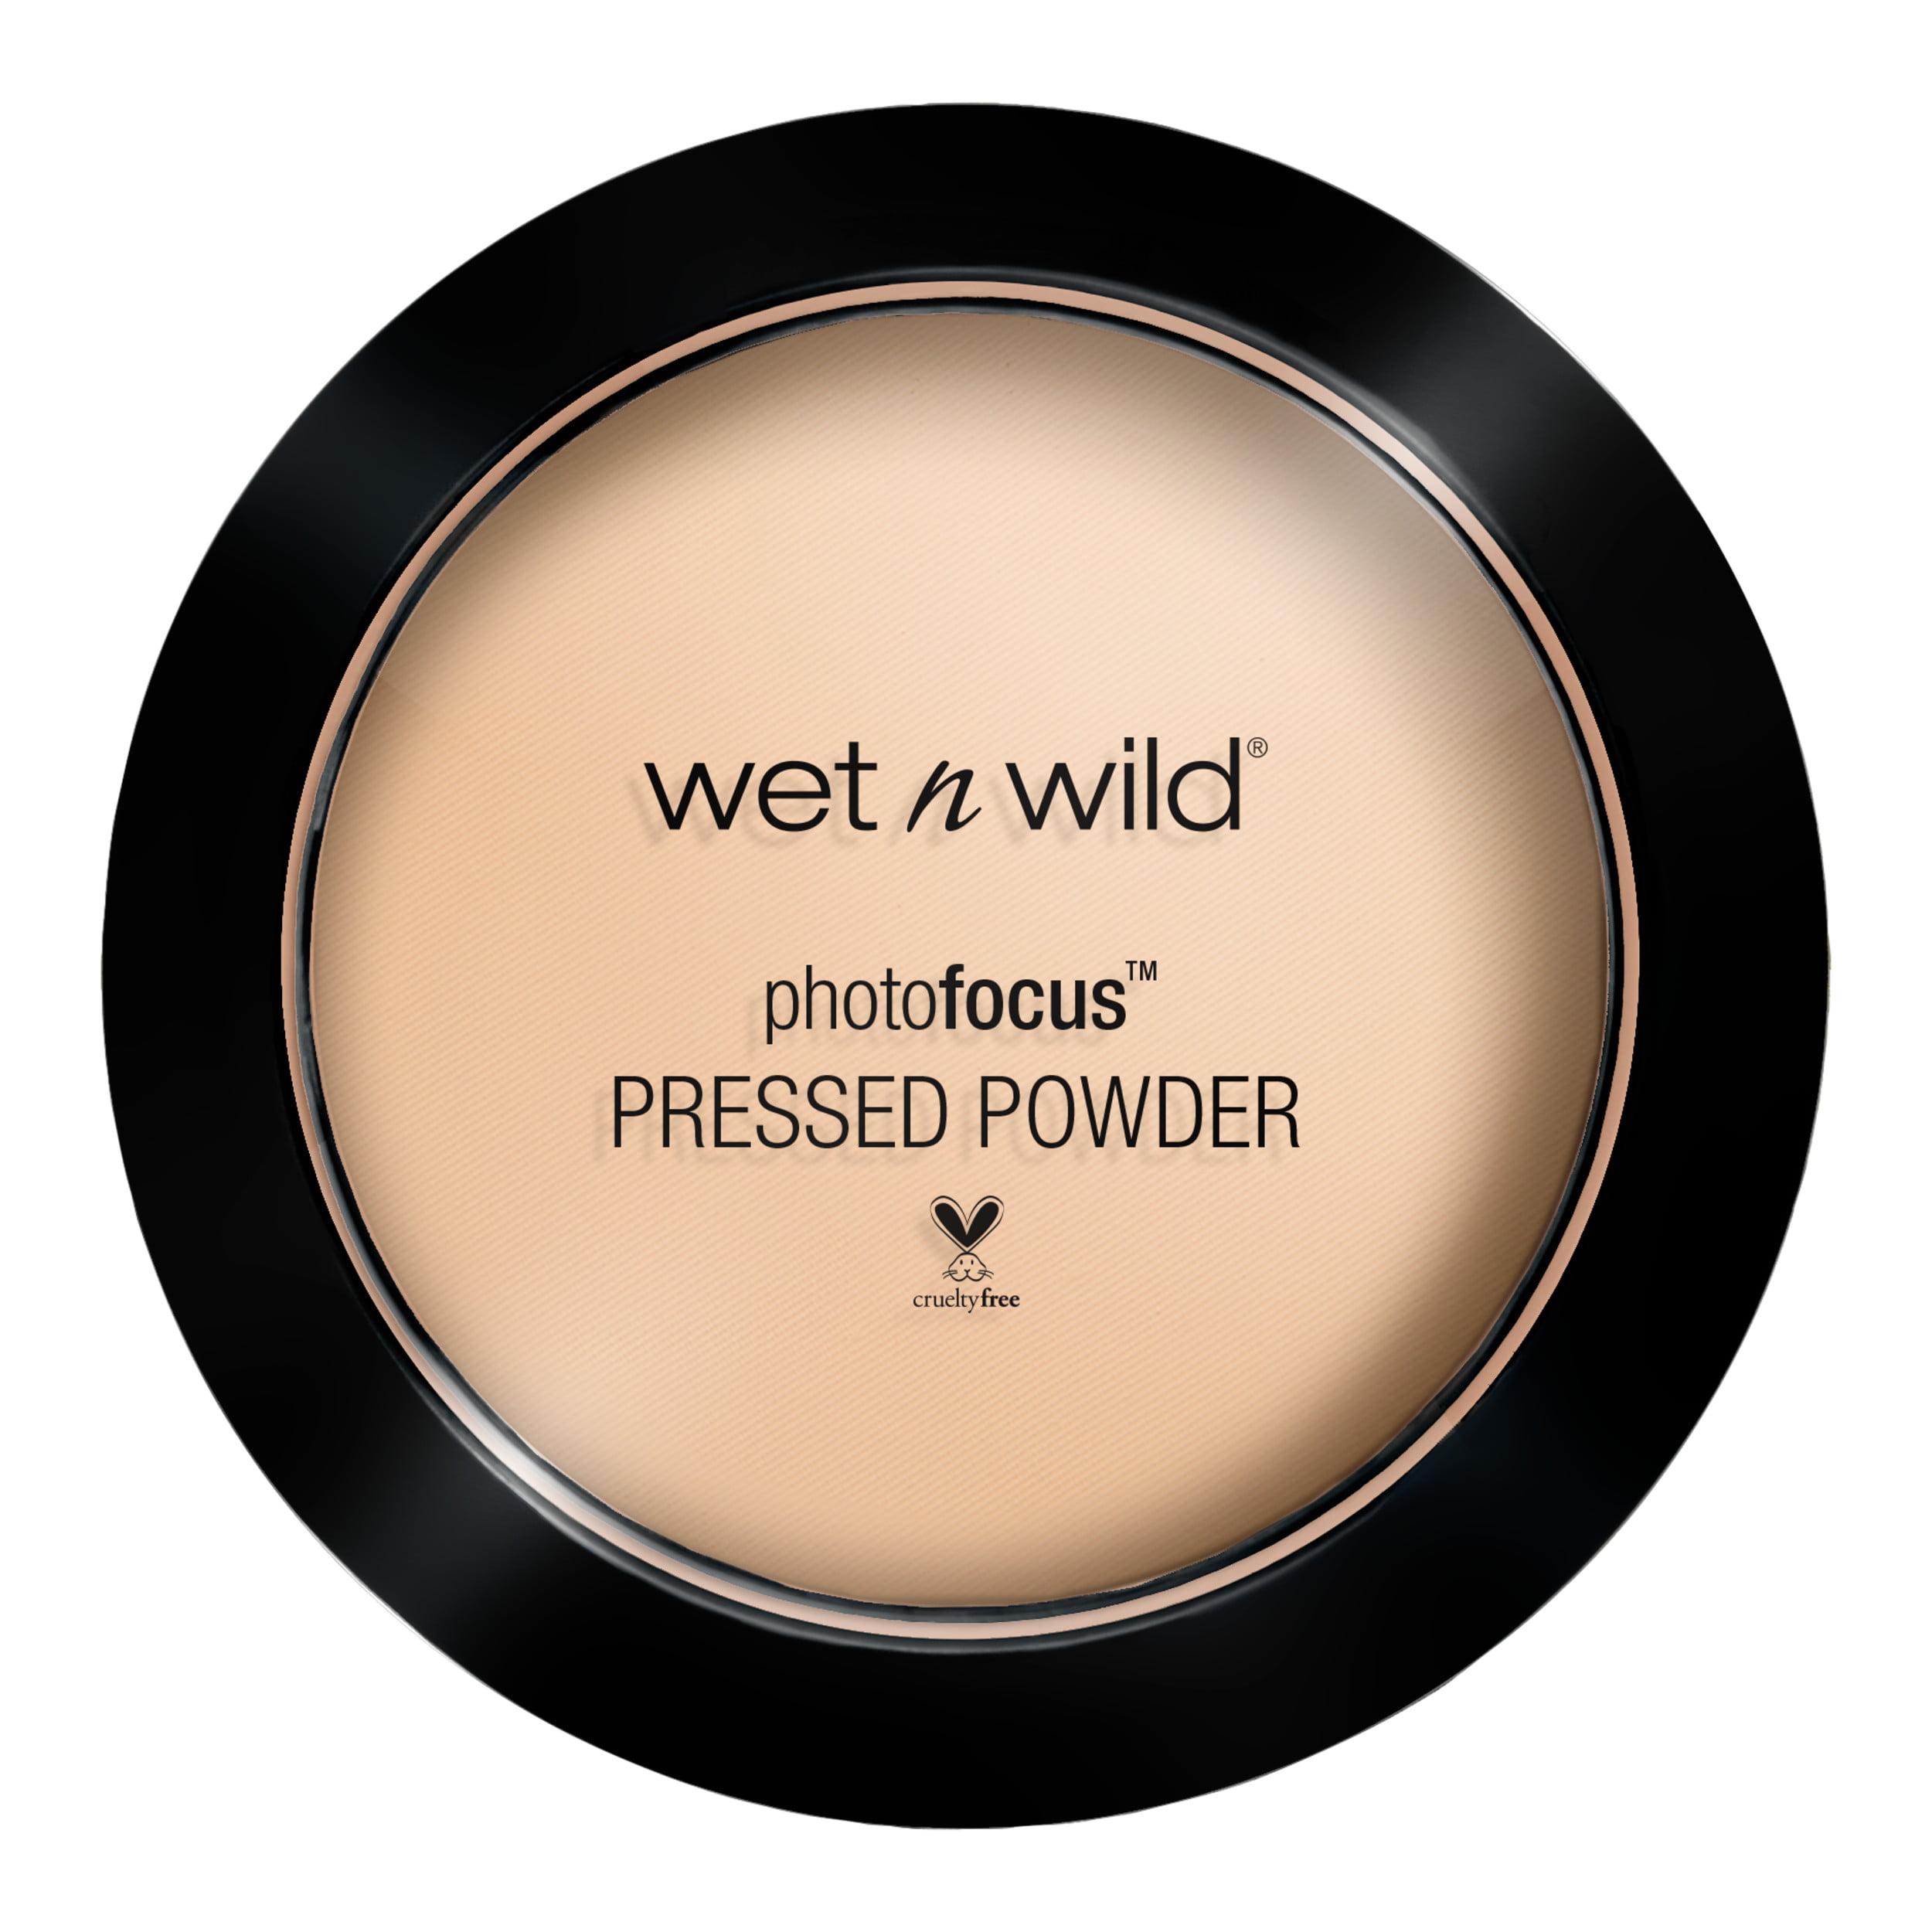 wet n wild Photo Focus Pressed Powder, Warm Light